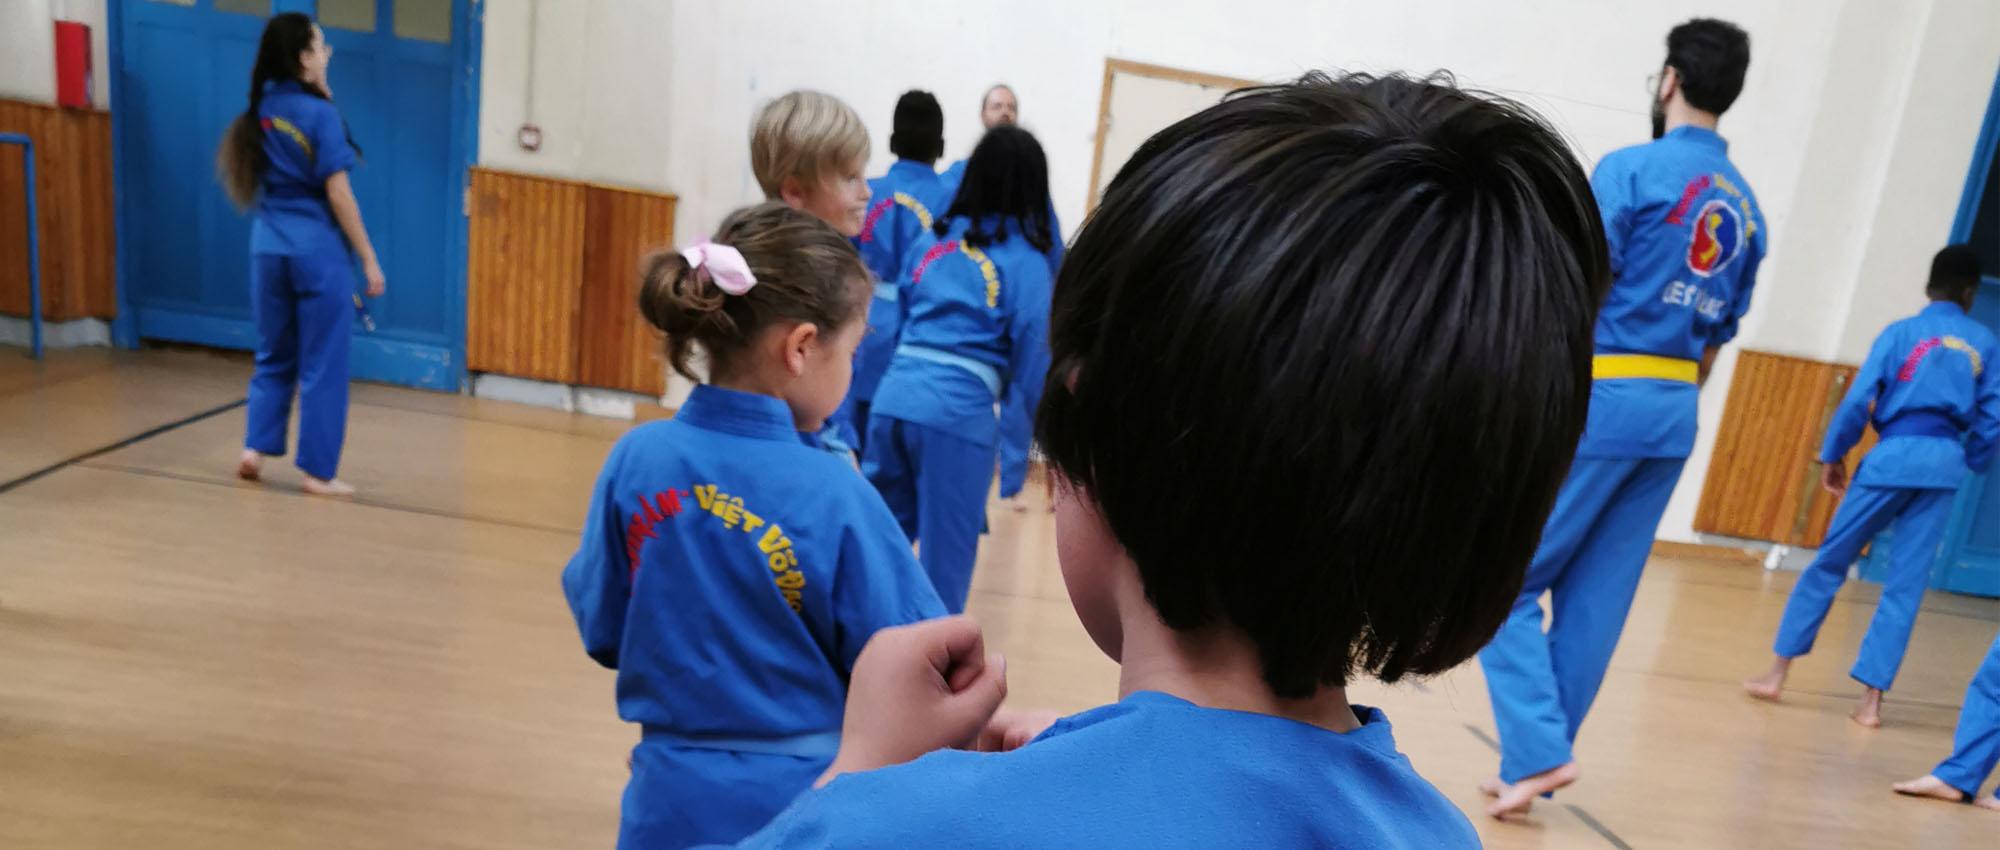 Cours enfants à Vovinam Rosny